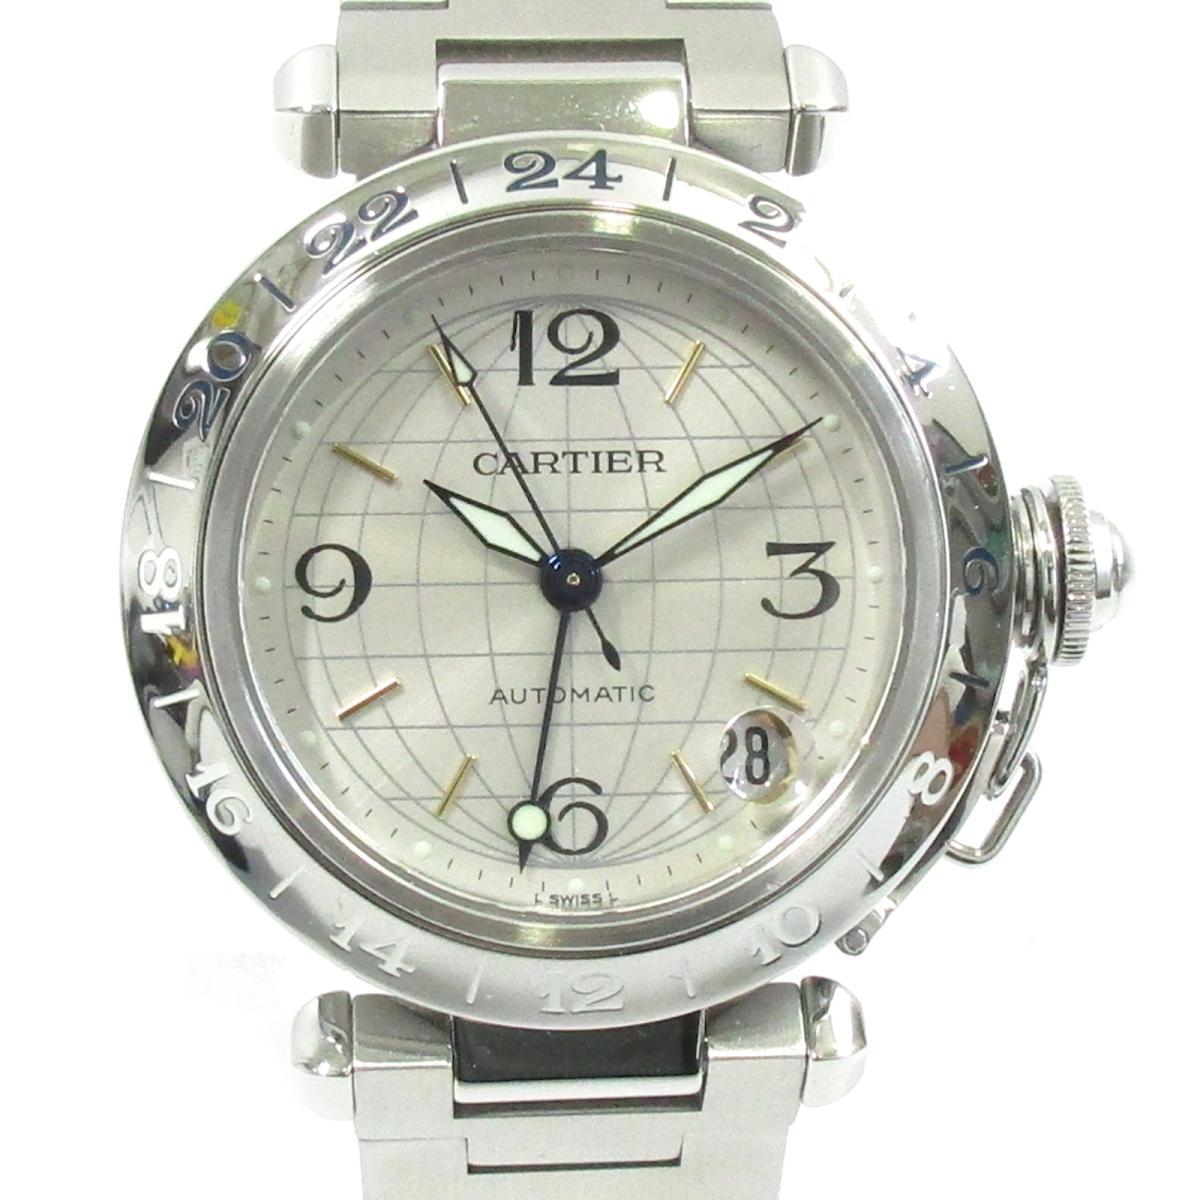 ≪期間限定≫メルマガ登録でクーポンGET! 【中古】 カルティエ パシャC メリディアン ウォッチ 腕時計 メンズ レディース ステンレススチール (SS) シルバー (W31078M7) | Cartier BRANDOFF ブランドオフ ブランド ブランド時計 ブランド腕時計 時計